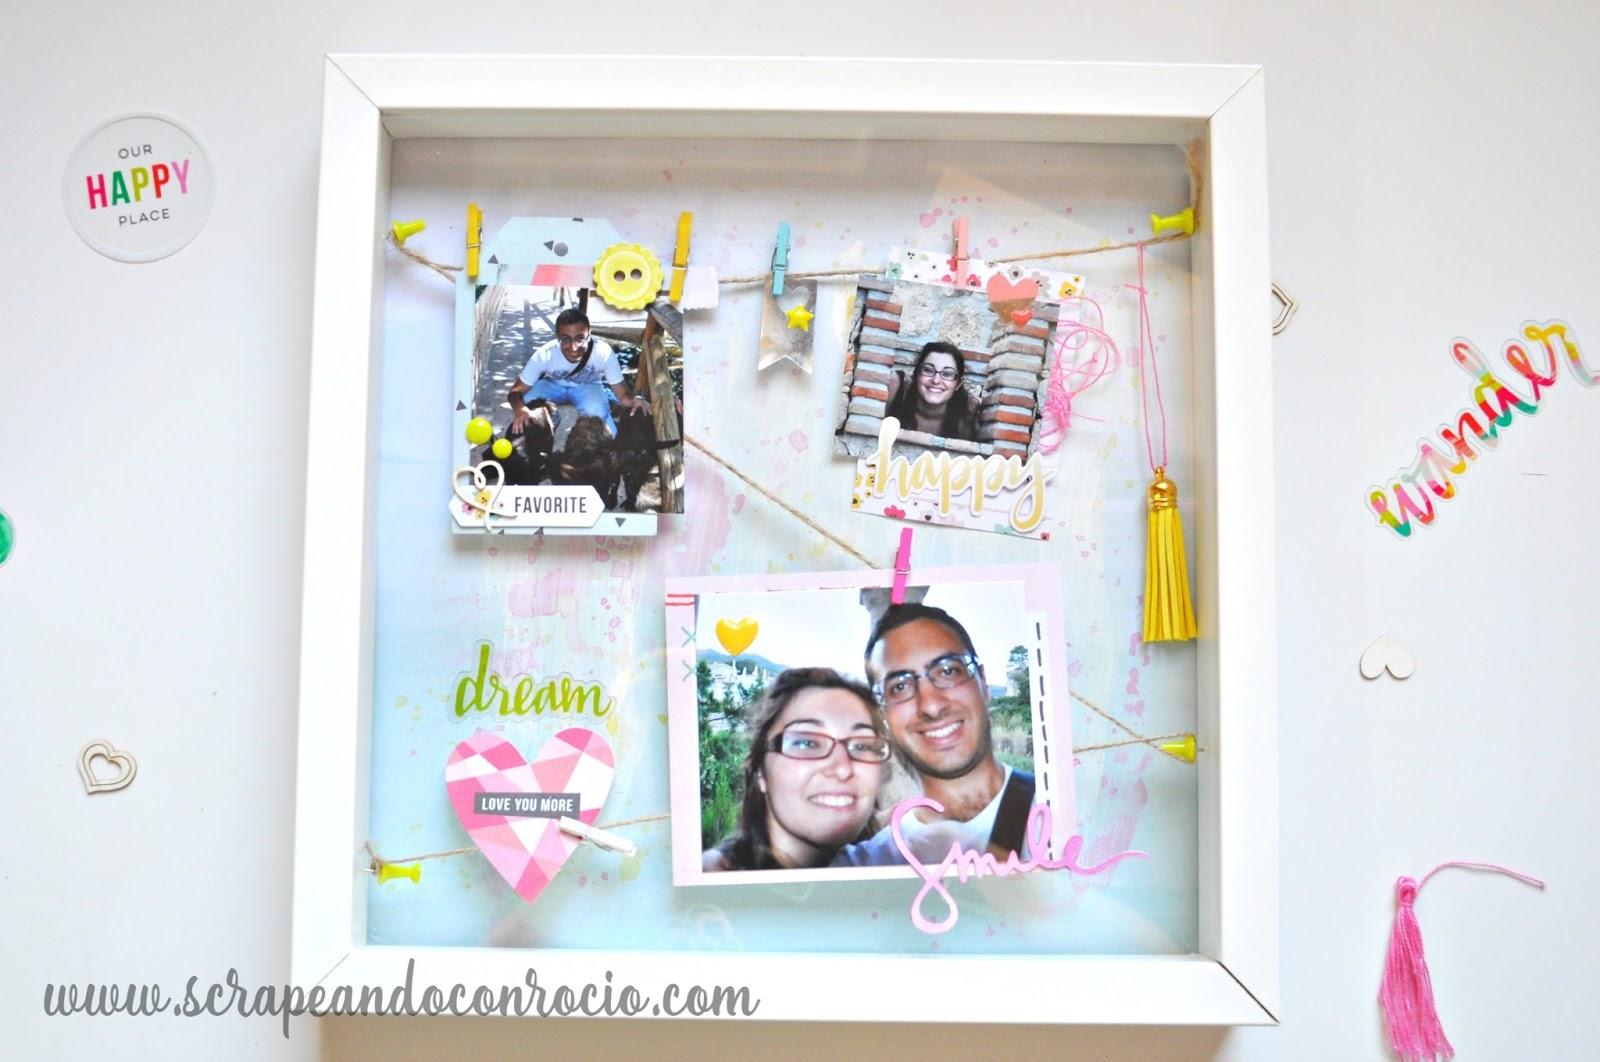 Encantador 24x36 Ikea Marco Del Cartel Elaboración - Ideas para ...